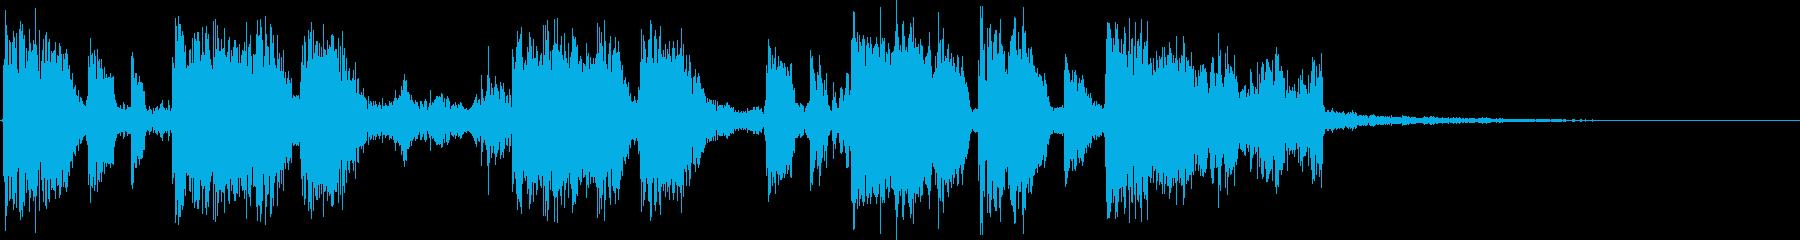 ヒップホップっぽいマイナーのジングルの再生済みの波形